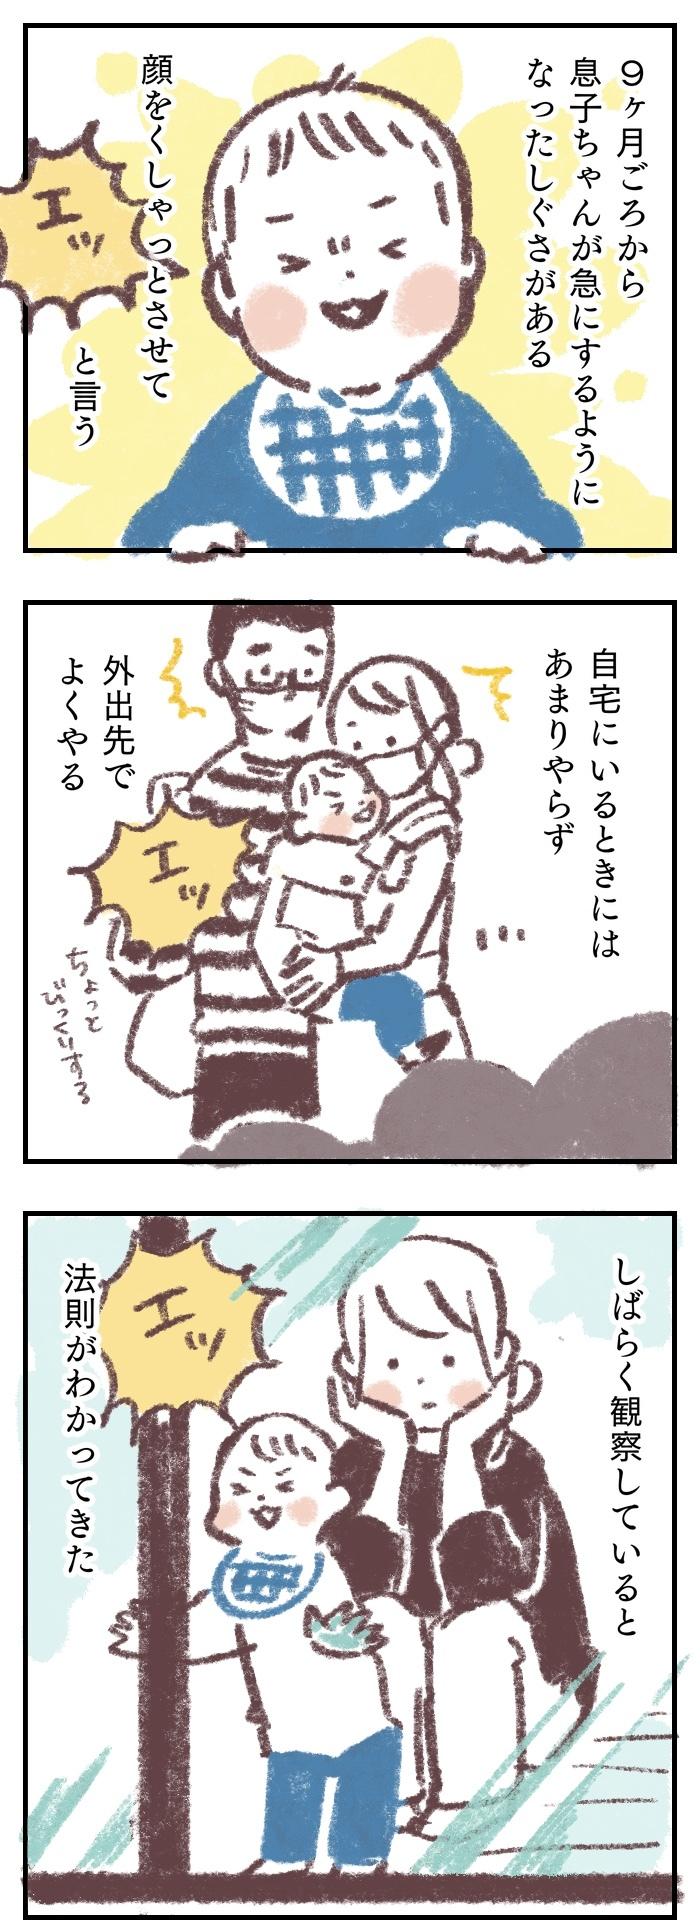 おむつ売り場で事件…!赤ちゃんが全力で「エッ」と叫んだワケの画像1